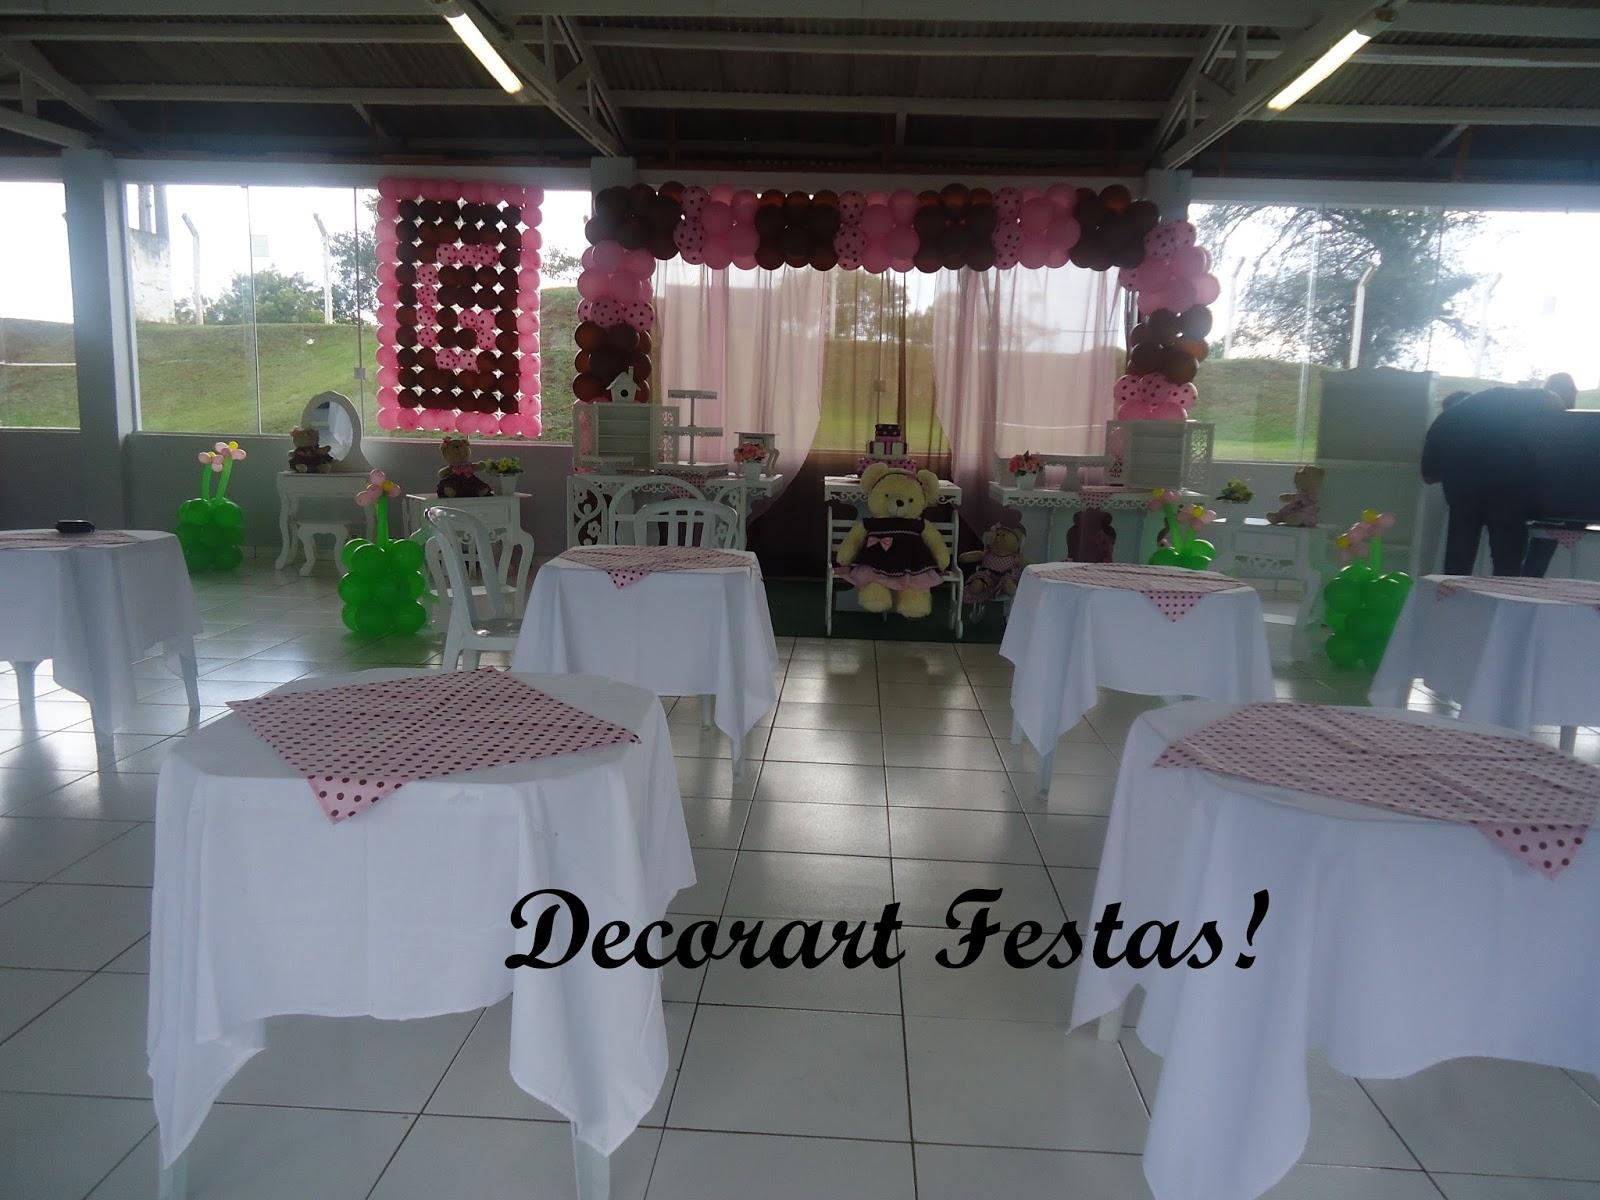 Decorart Festa Decoraç u00e3o de festa infantil em Curitiba provençal ursas